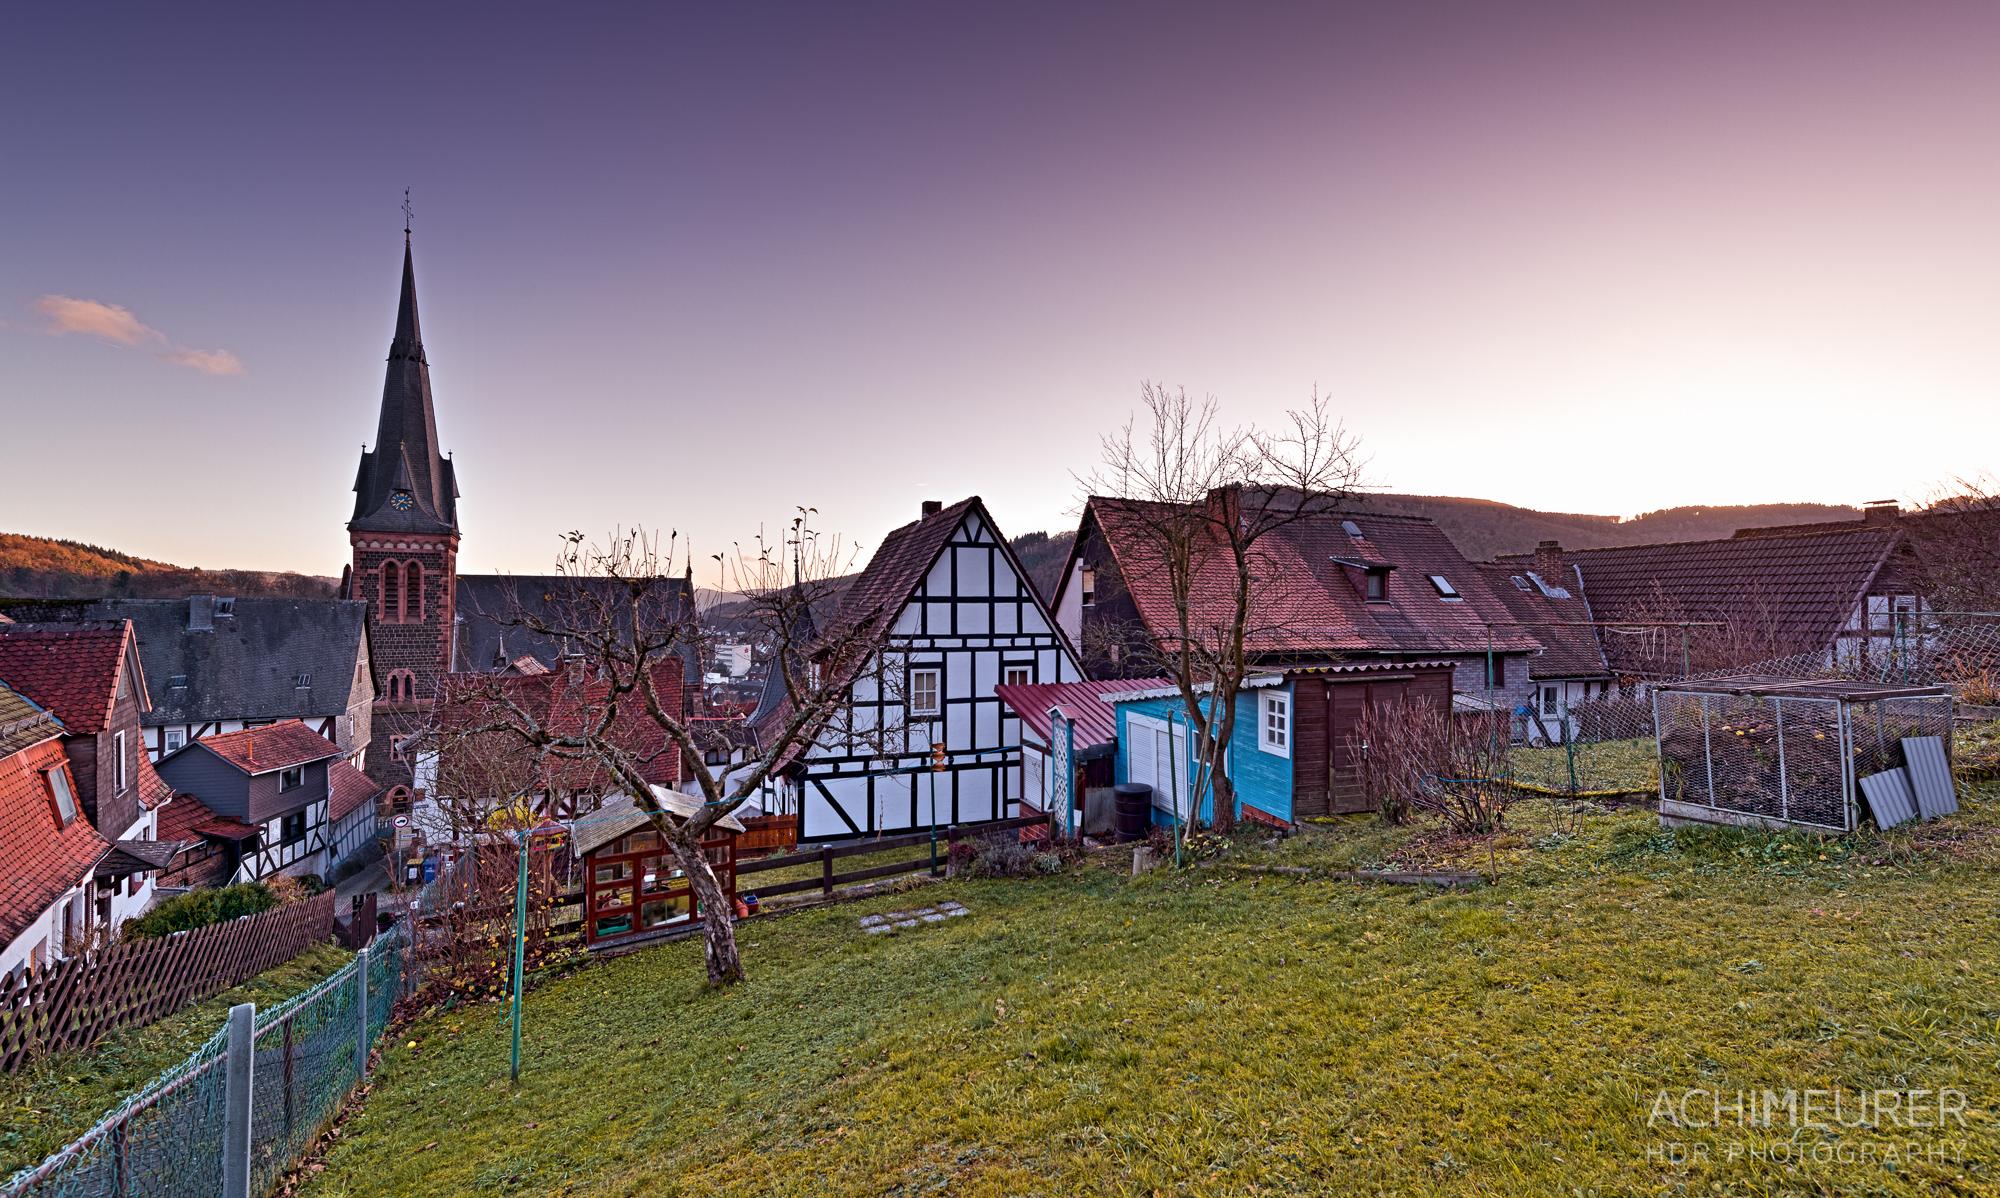 Fachwerkhäuser in Biedenkopf